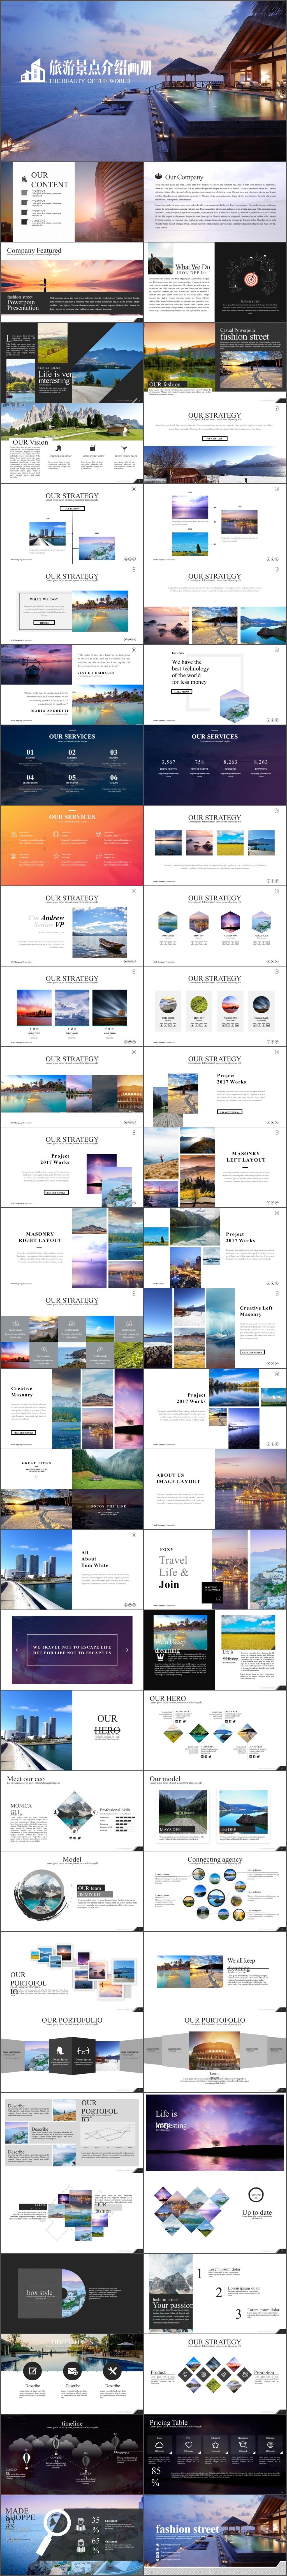 高端时尚旅游摄影景点介绍电子相册PPT模板(395)